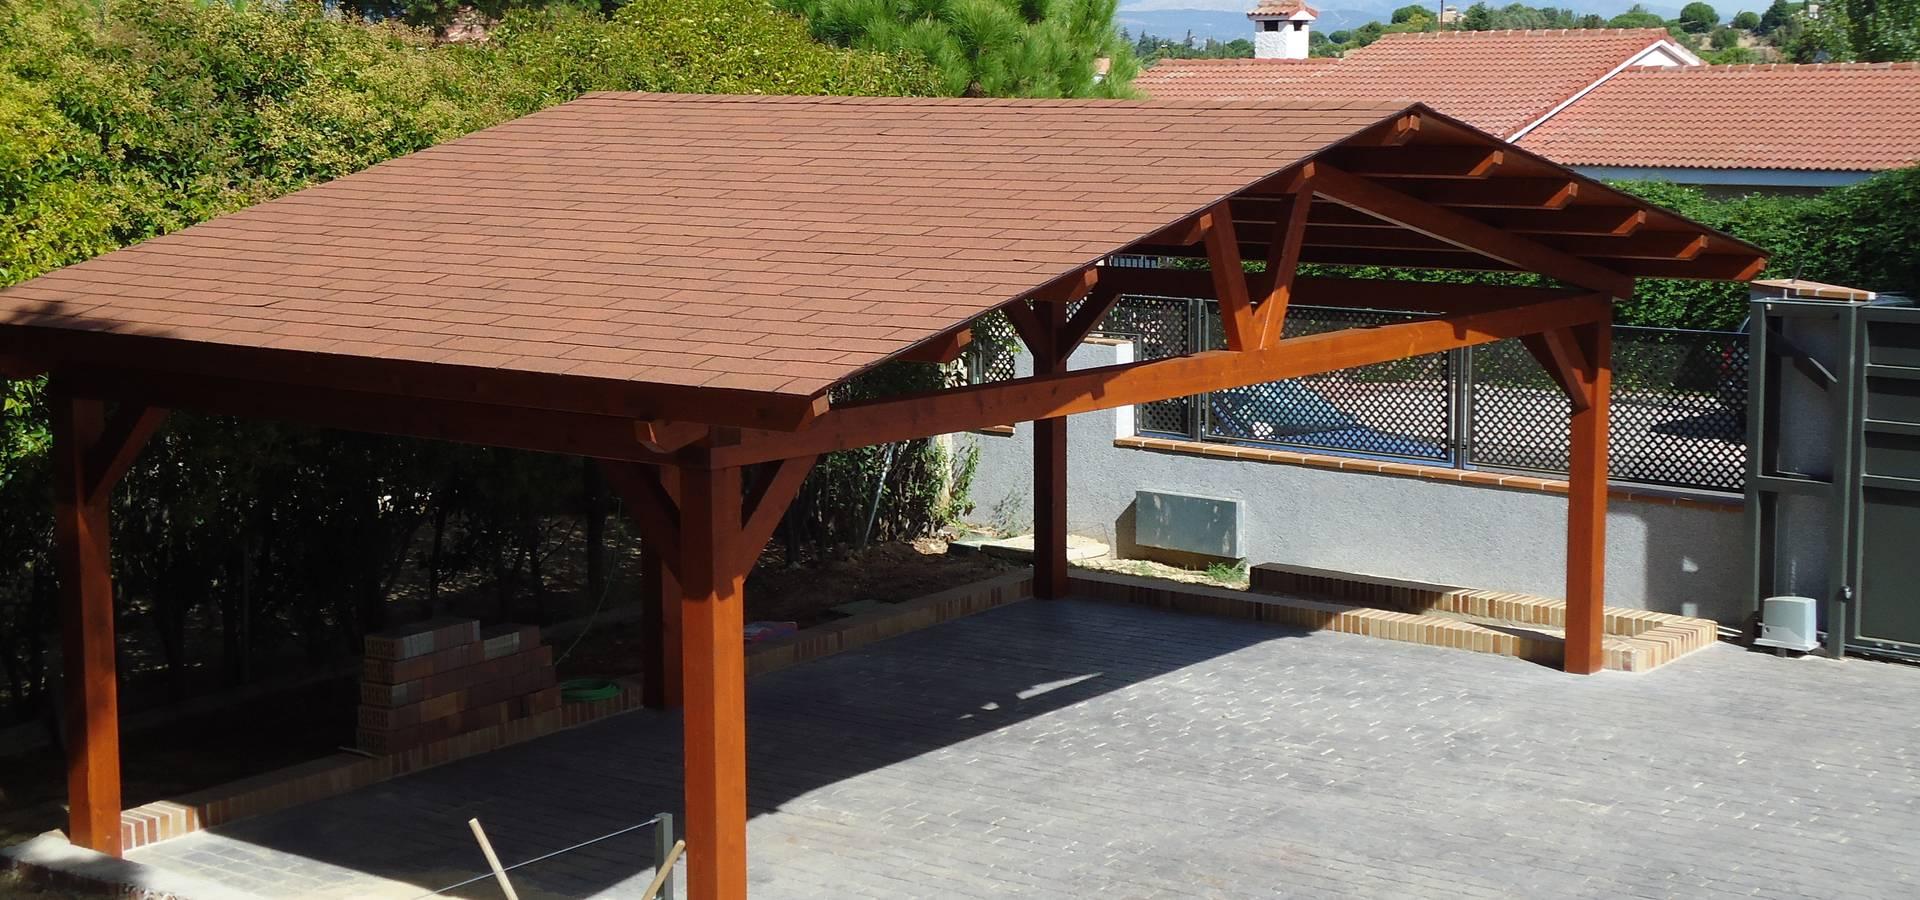 Garajes de madera de pergomadera p rgolas y porches de for Tejados de madera modernos